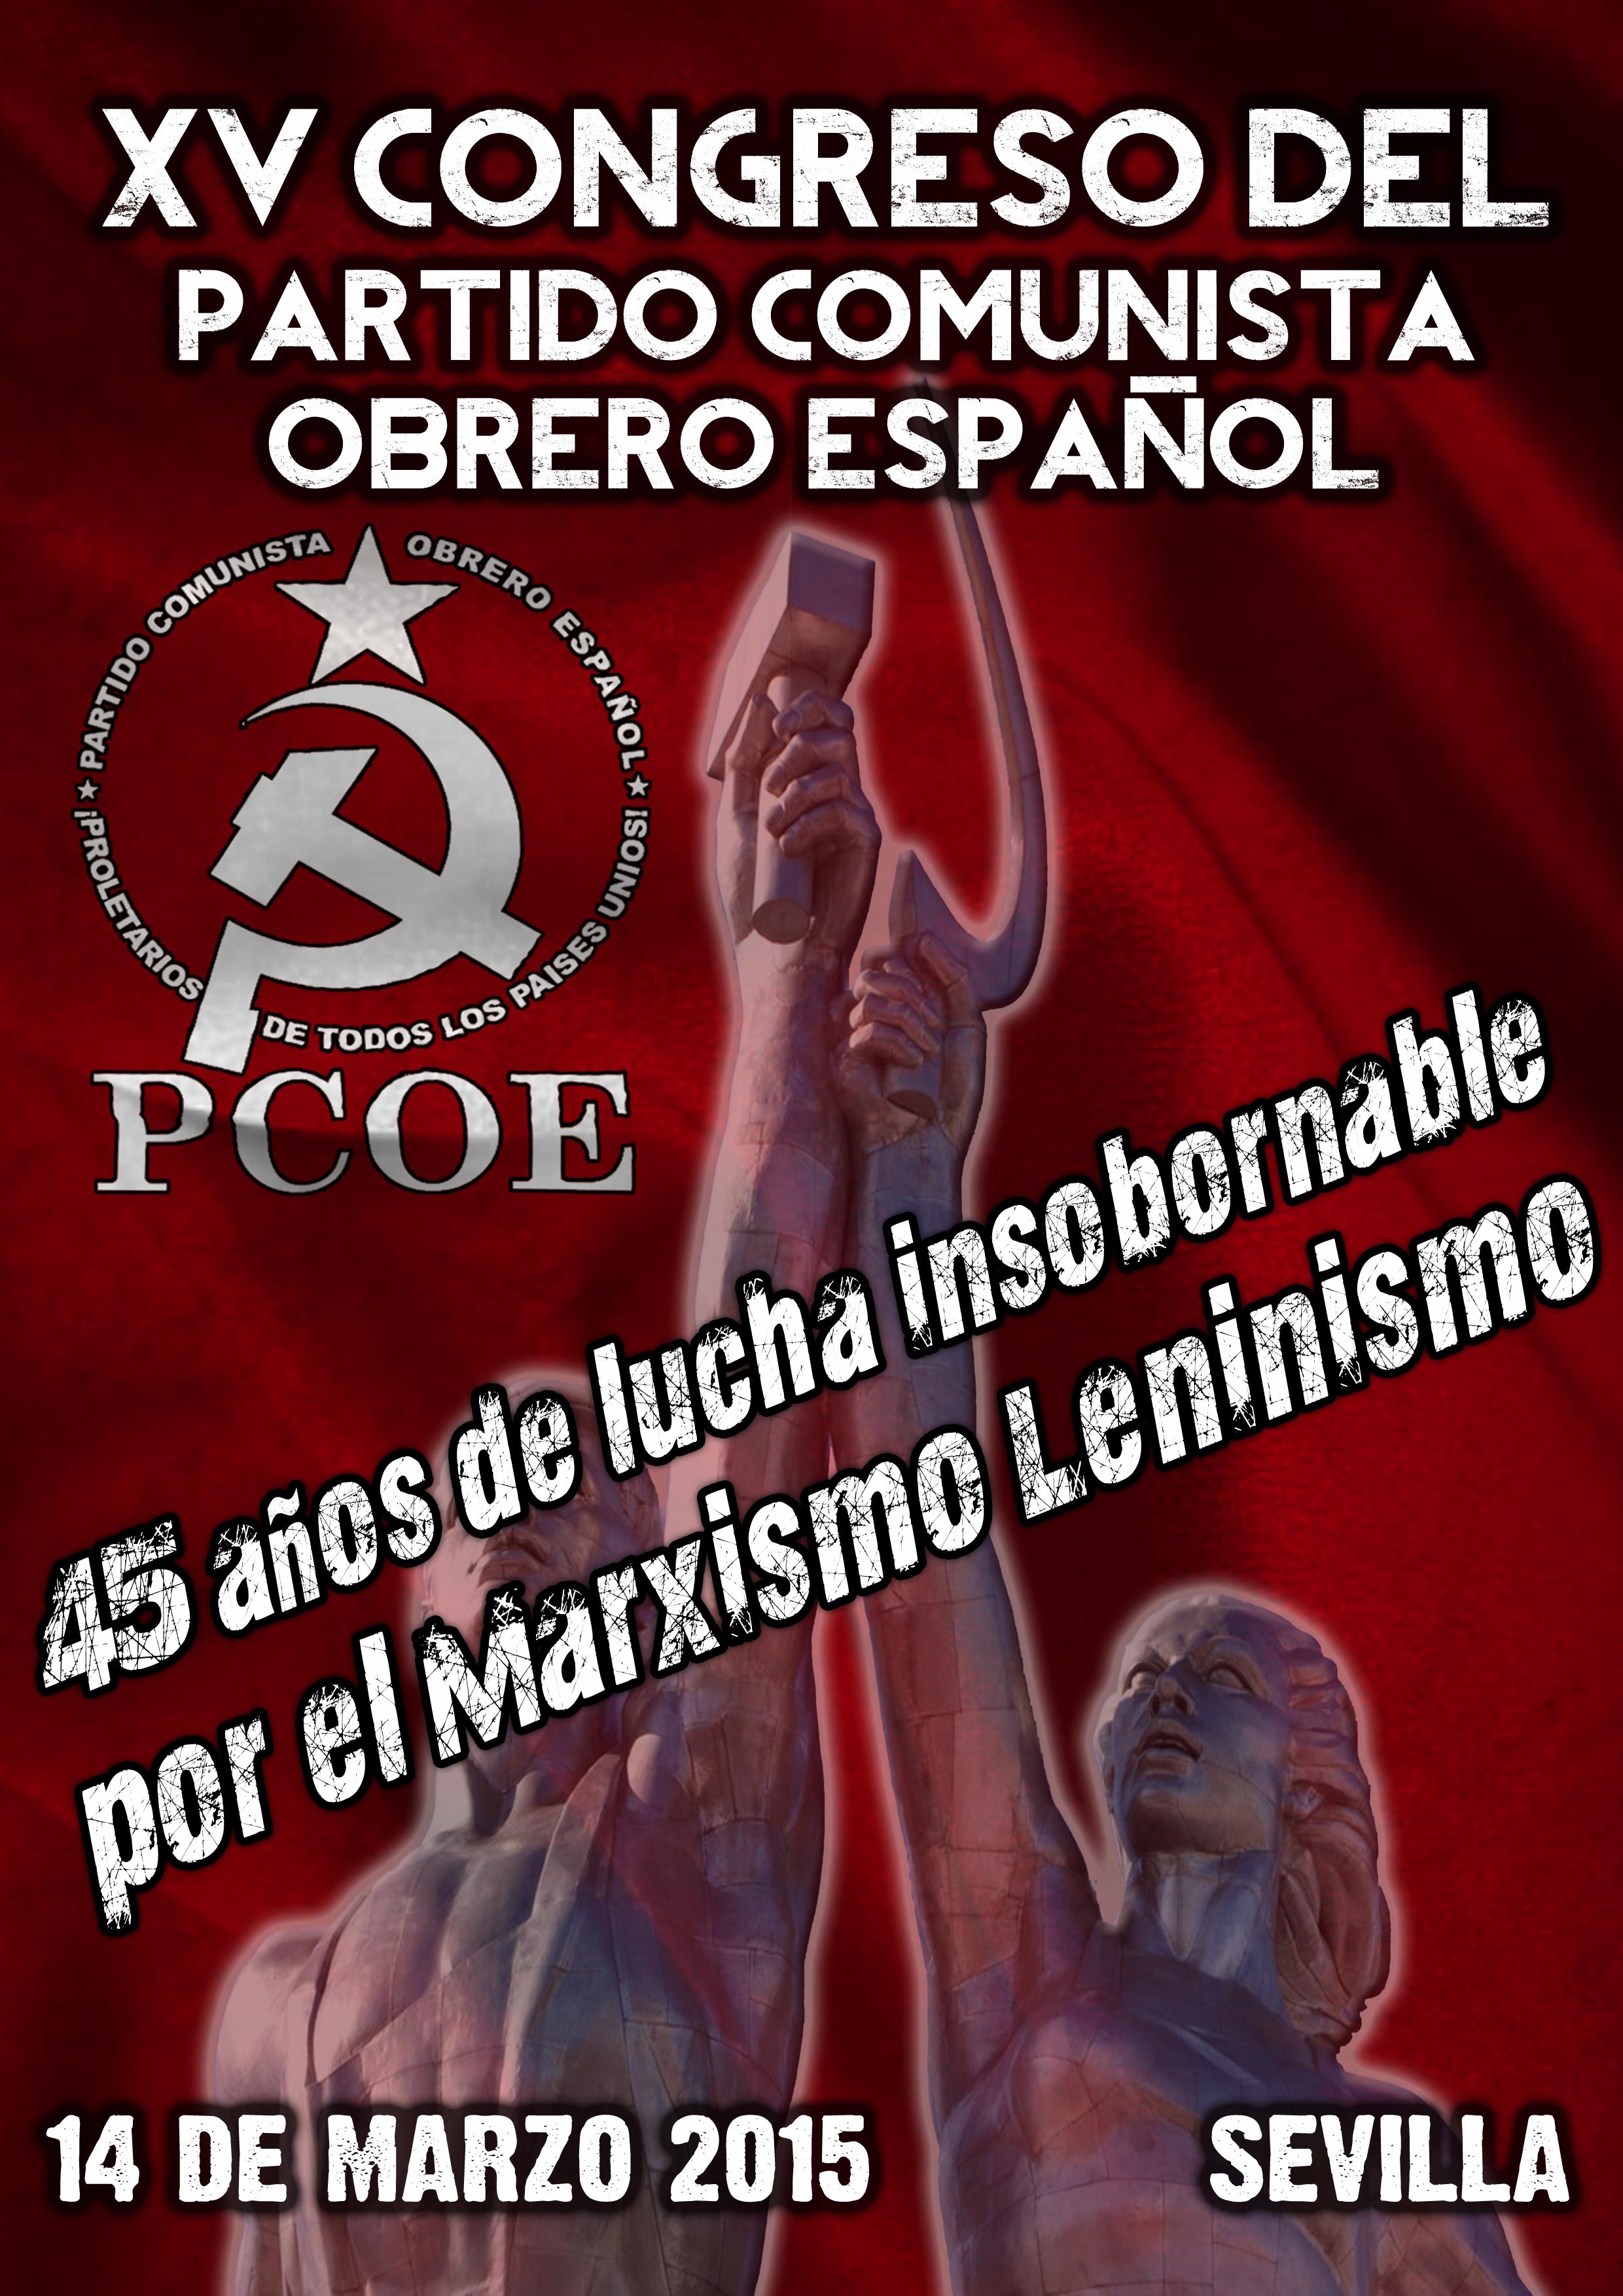 El XIV Congreso del PCOE fue la culminación de un proceso de actualización ideológica y política del partido y abrió las puertas para llevar a la práctica las tácticas y…